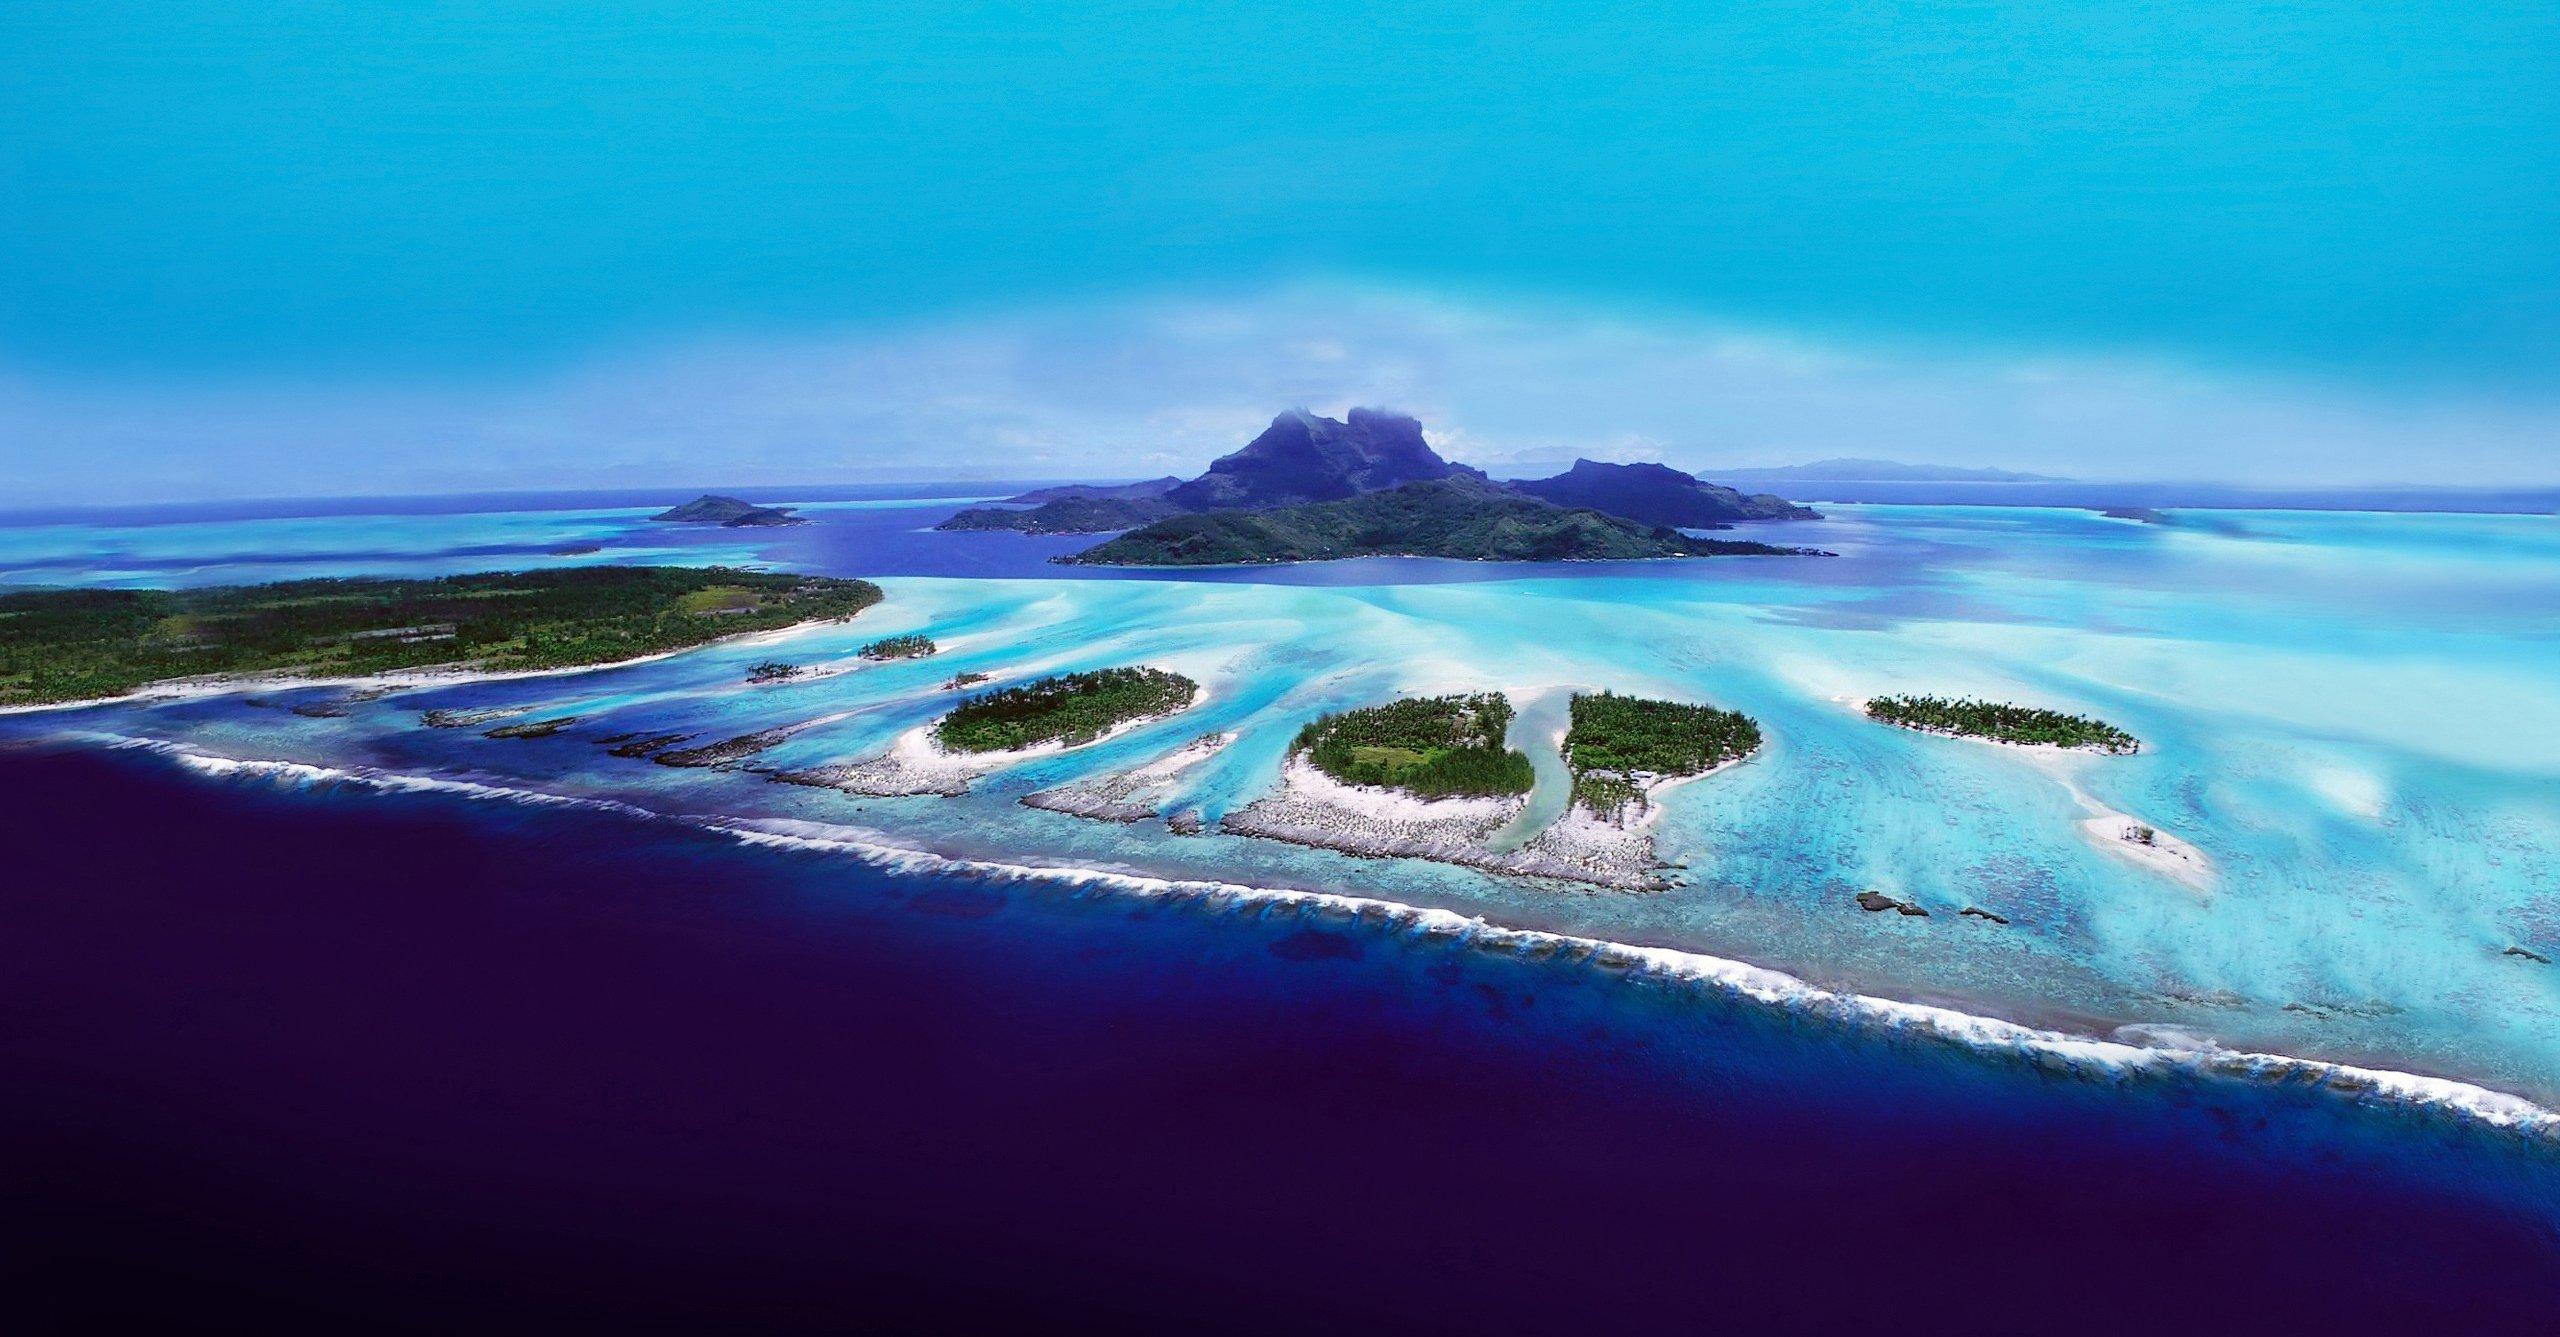 Best Beaches in Tahiti to Visit